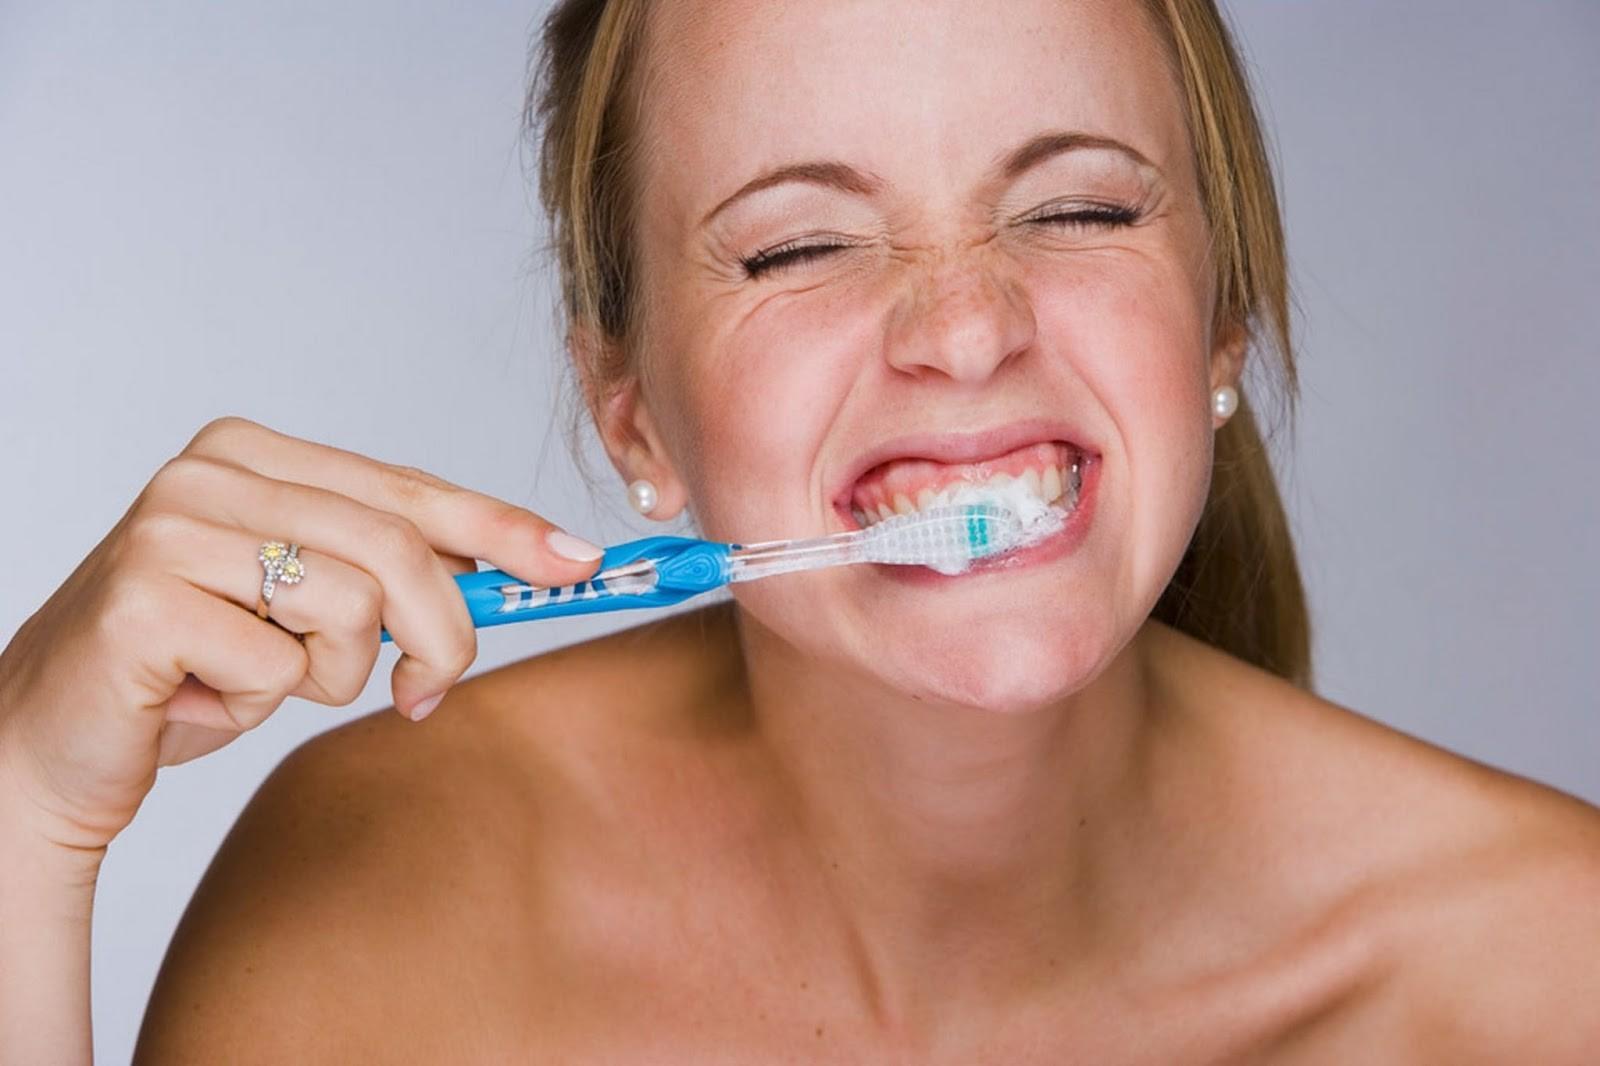 تنظيف-الأسنان1.jpg.crdownload